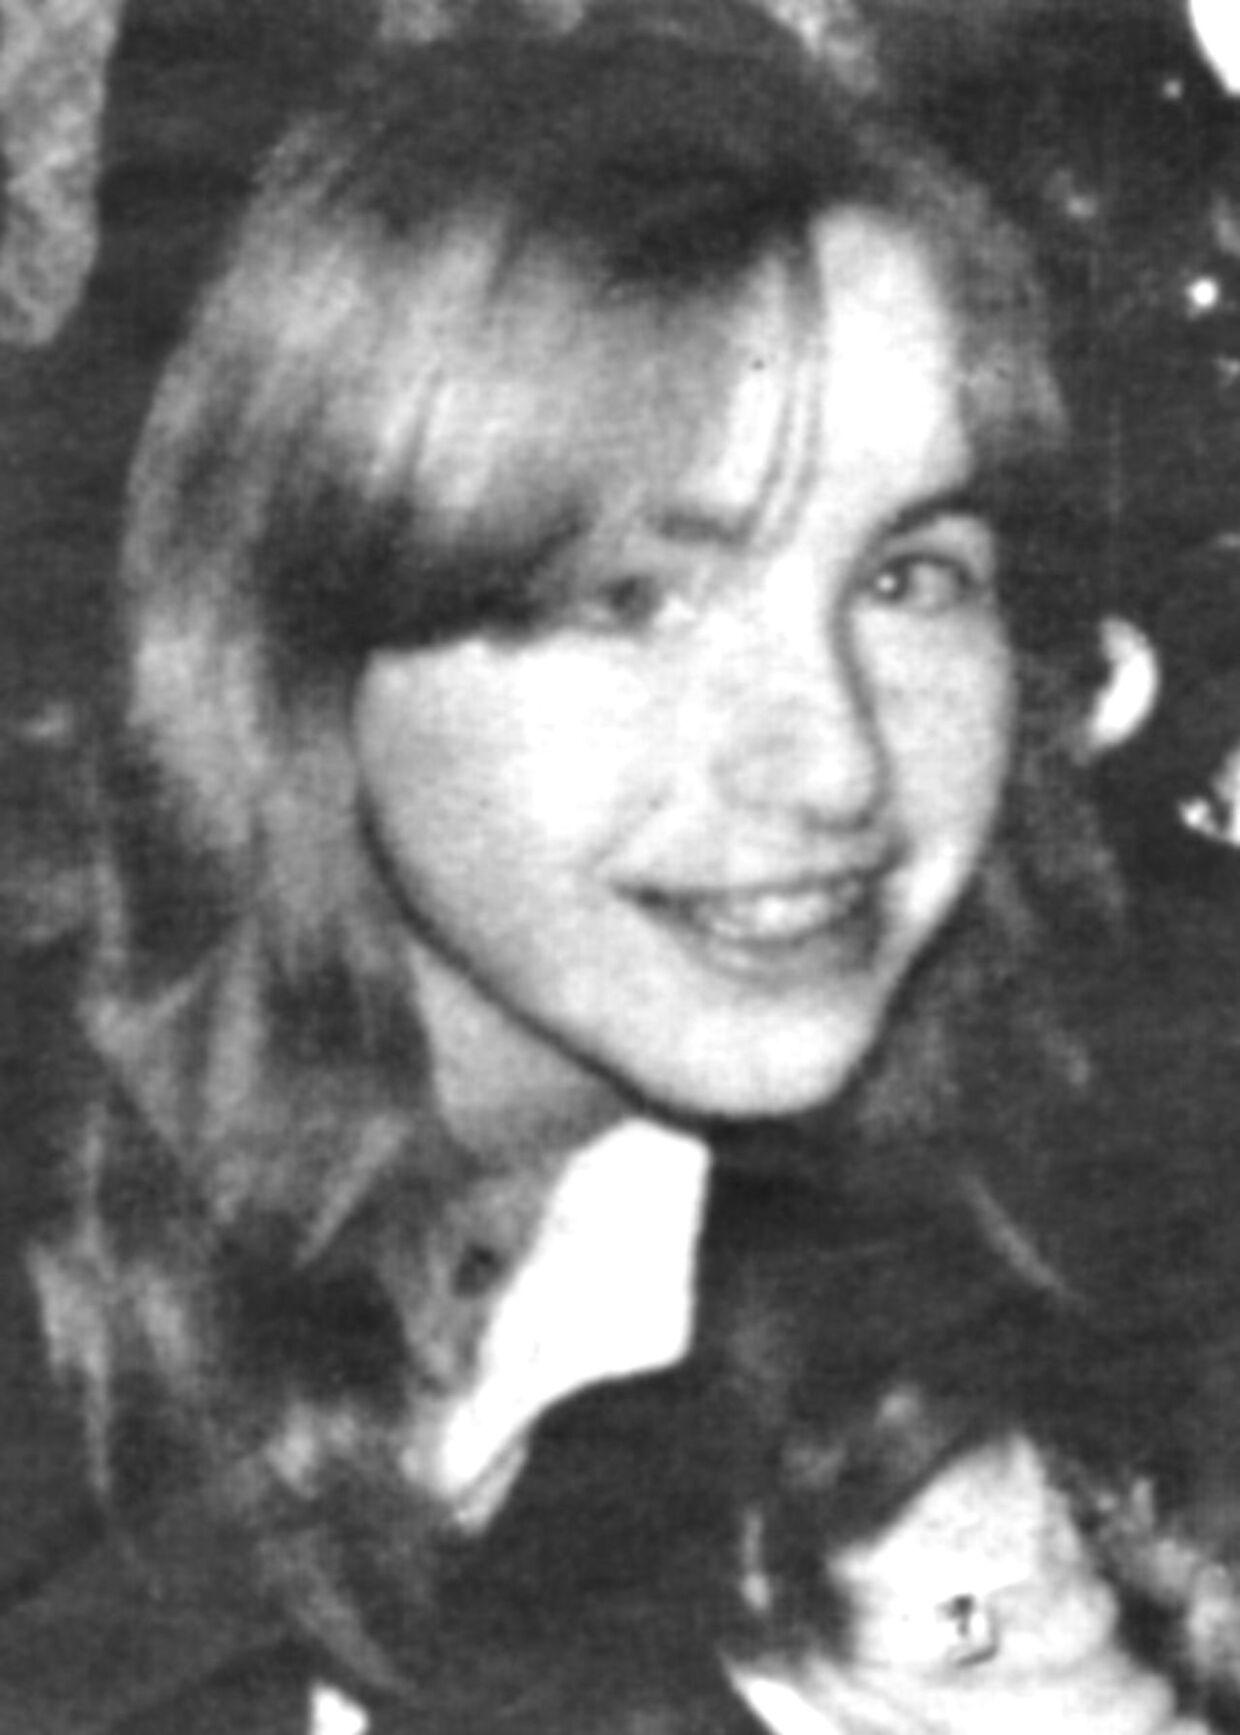 Datteren Elisabeth Fritzl, som hun så ud før sin bortførelse, der kom til at vare 24 år i den hemmelige kælder under familiens hus i den østrigske by Amstetten.